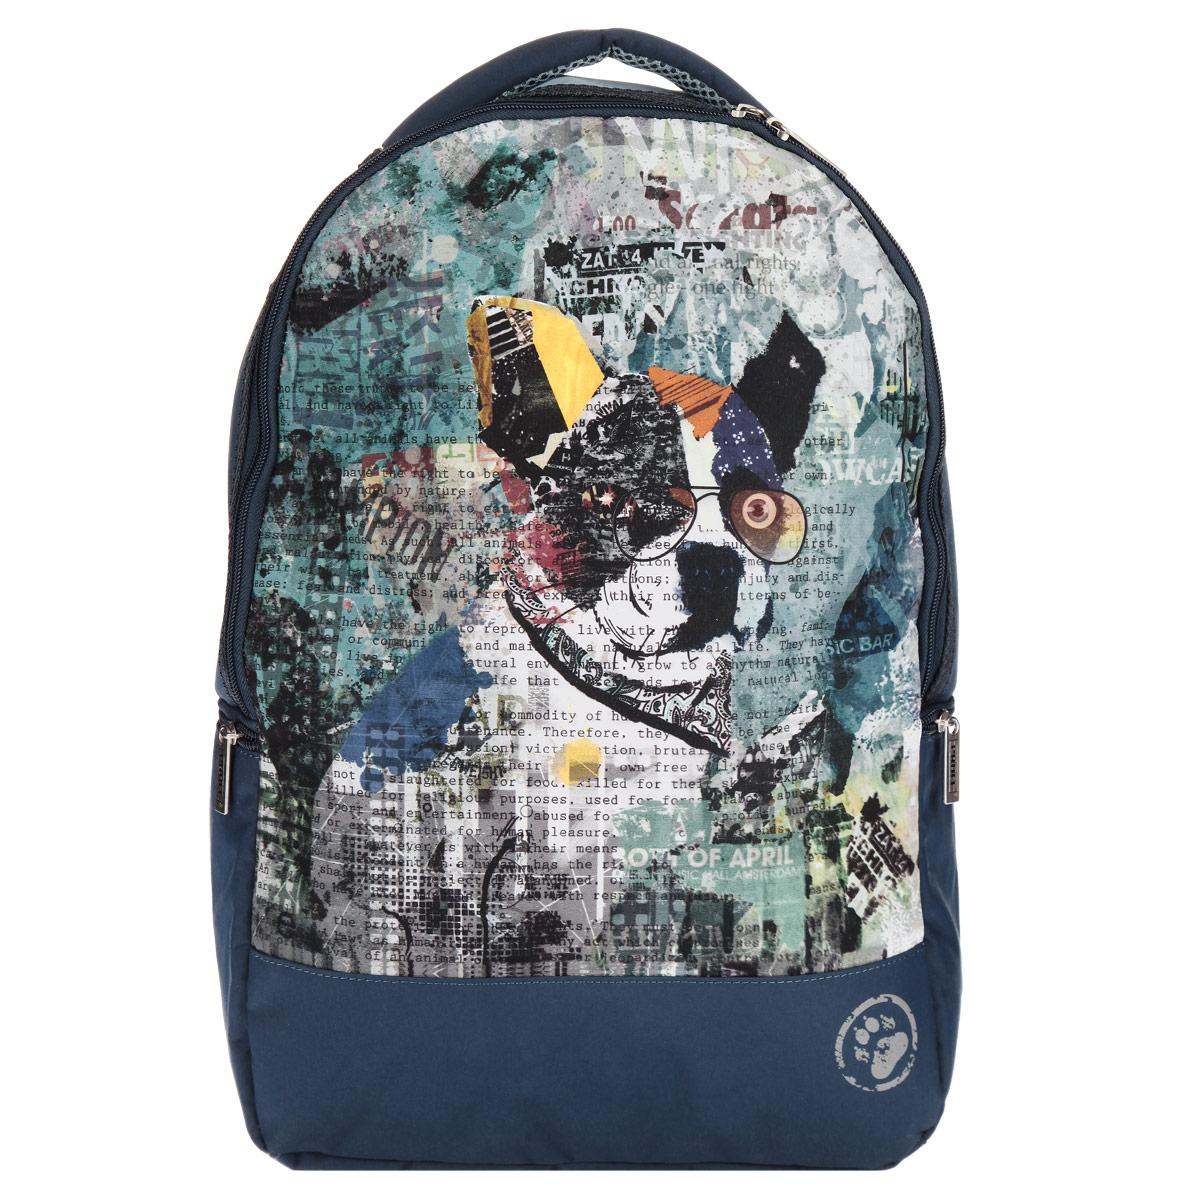 Рюкзак подростковый Proff Modern Trend, цвет: синий, голубой. MS15-BPA-1272523WDРюкзак подростковый Proff Modern Trend станет надежным спутником в получении знаний. Он выполнен из полиэстера, имеет оригинальное оформление в виде стилизованного изображения собаки в очках. Рельеф спинки рюкзака удобен для позвоночника. Рюкзак имеет одно большое отделение, которое закрывается на молнию. Внутри большого отделения расположен накладной карман-сетка на молнии, карман для планшета с мягкой стенкой, два открытых накладных кармана, один накладной карман на молнии, и два небольших кармана для мелочи. Помимо основного отделения, рюкзак имеет два боковых кармана на молнии. Рюкзак оснащен широкими плечевыми ремнями с поролоновым наполнителем, которые регулируются по длине, и мягкой ручкой для переноски в руке.